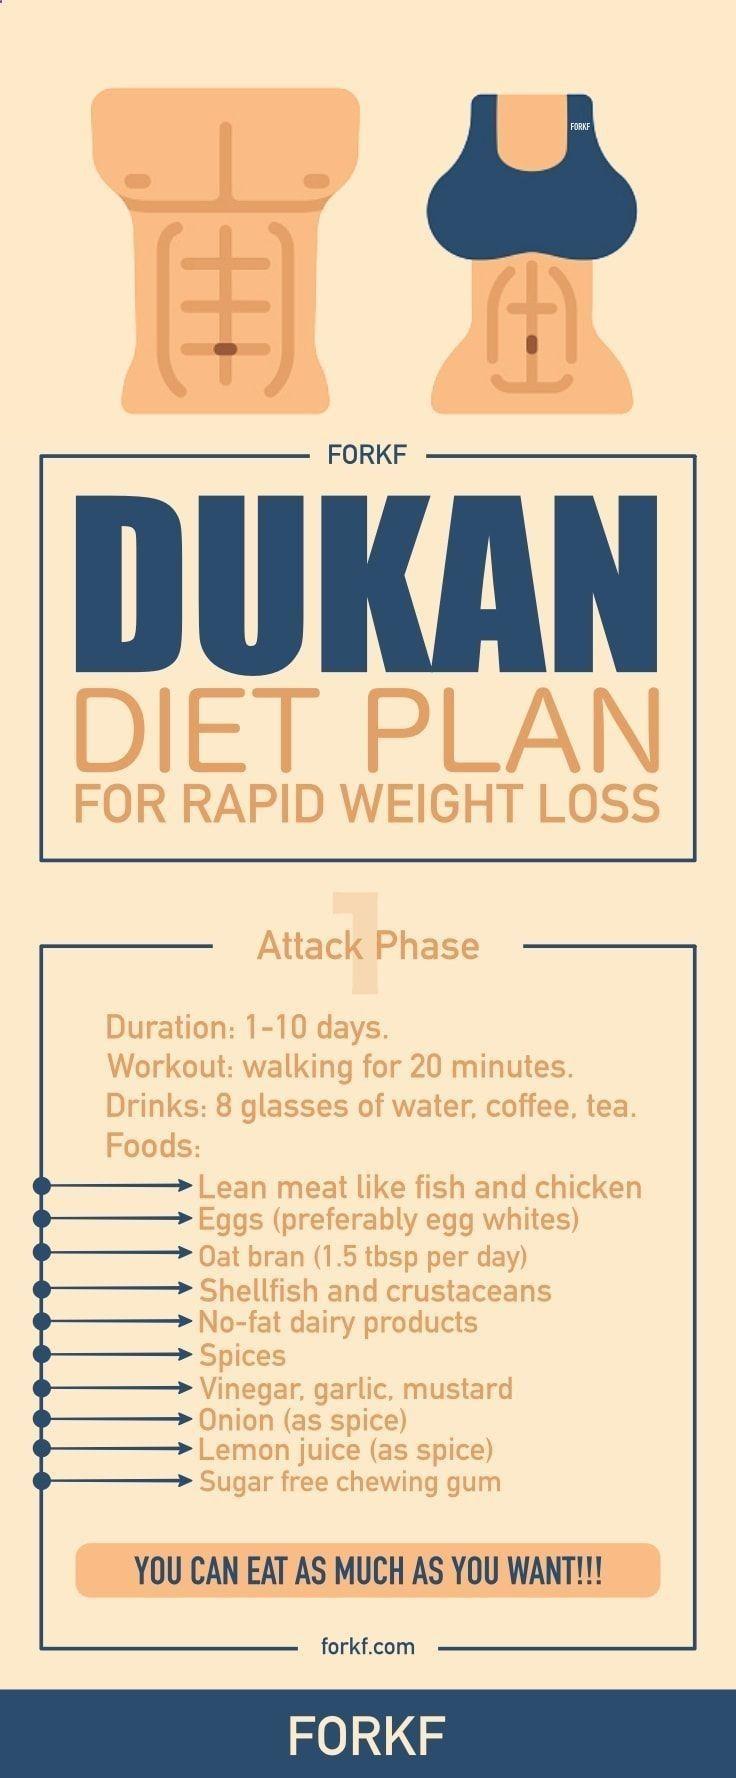 Dukan diet planner image 10